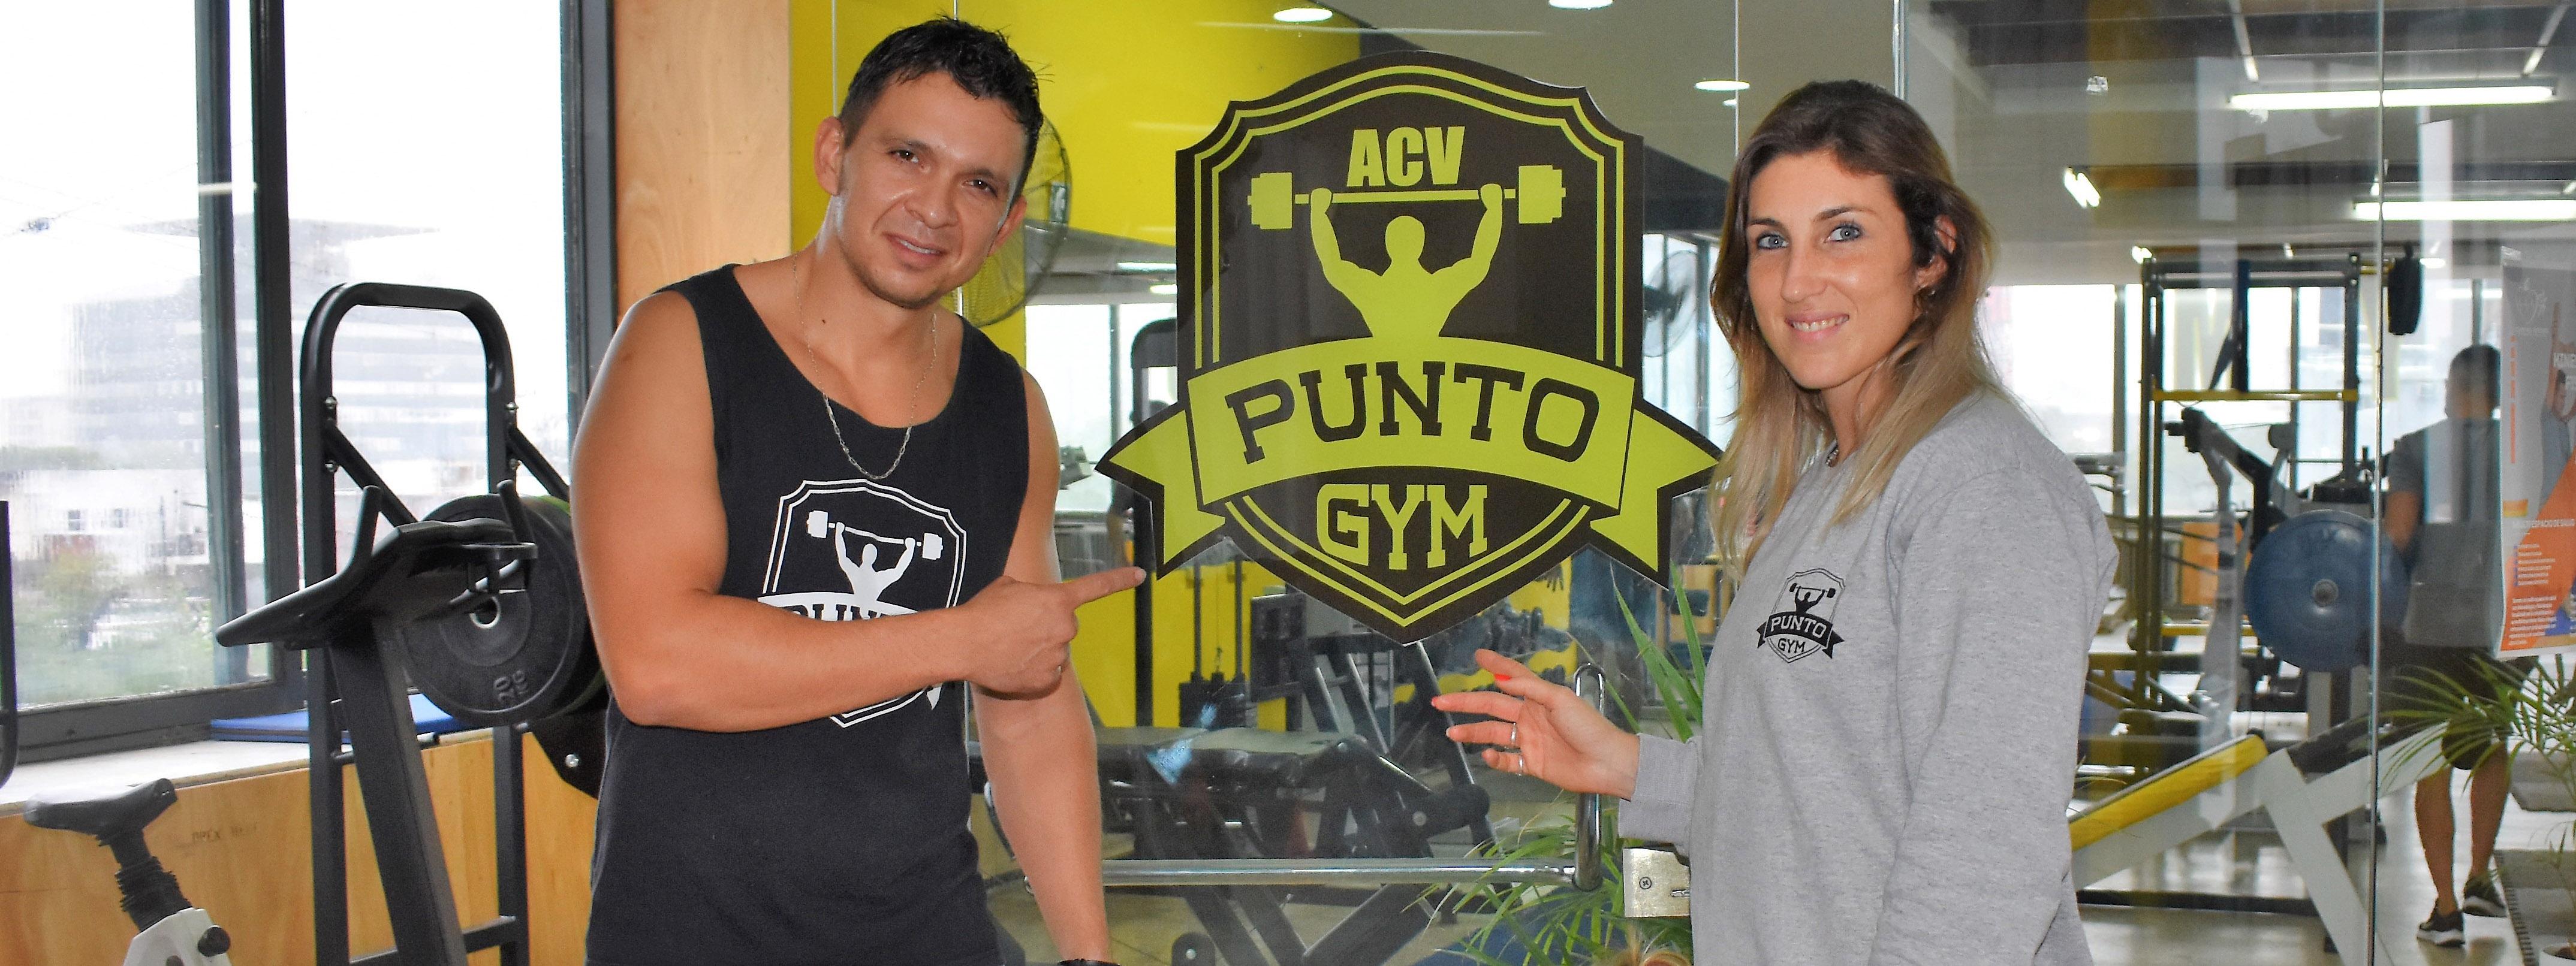 CLUB ACV: El gimnasio, un espacio revitalizador y abierto, en pleno centro de Córdoba